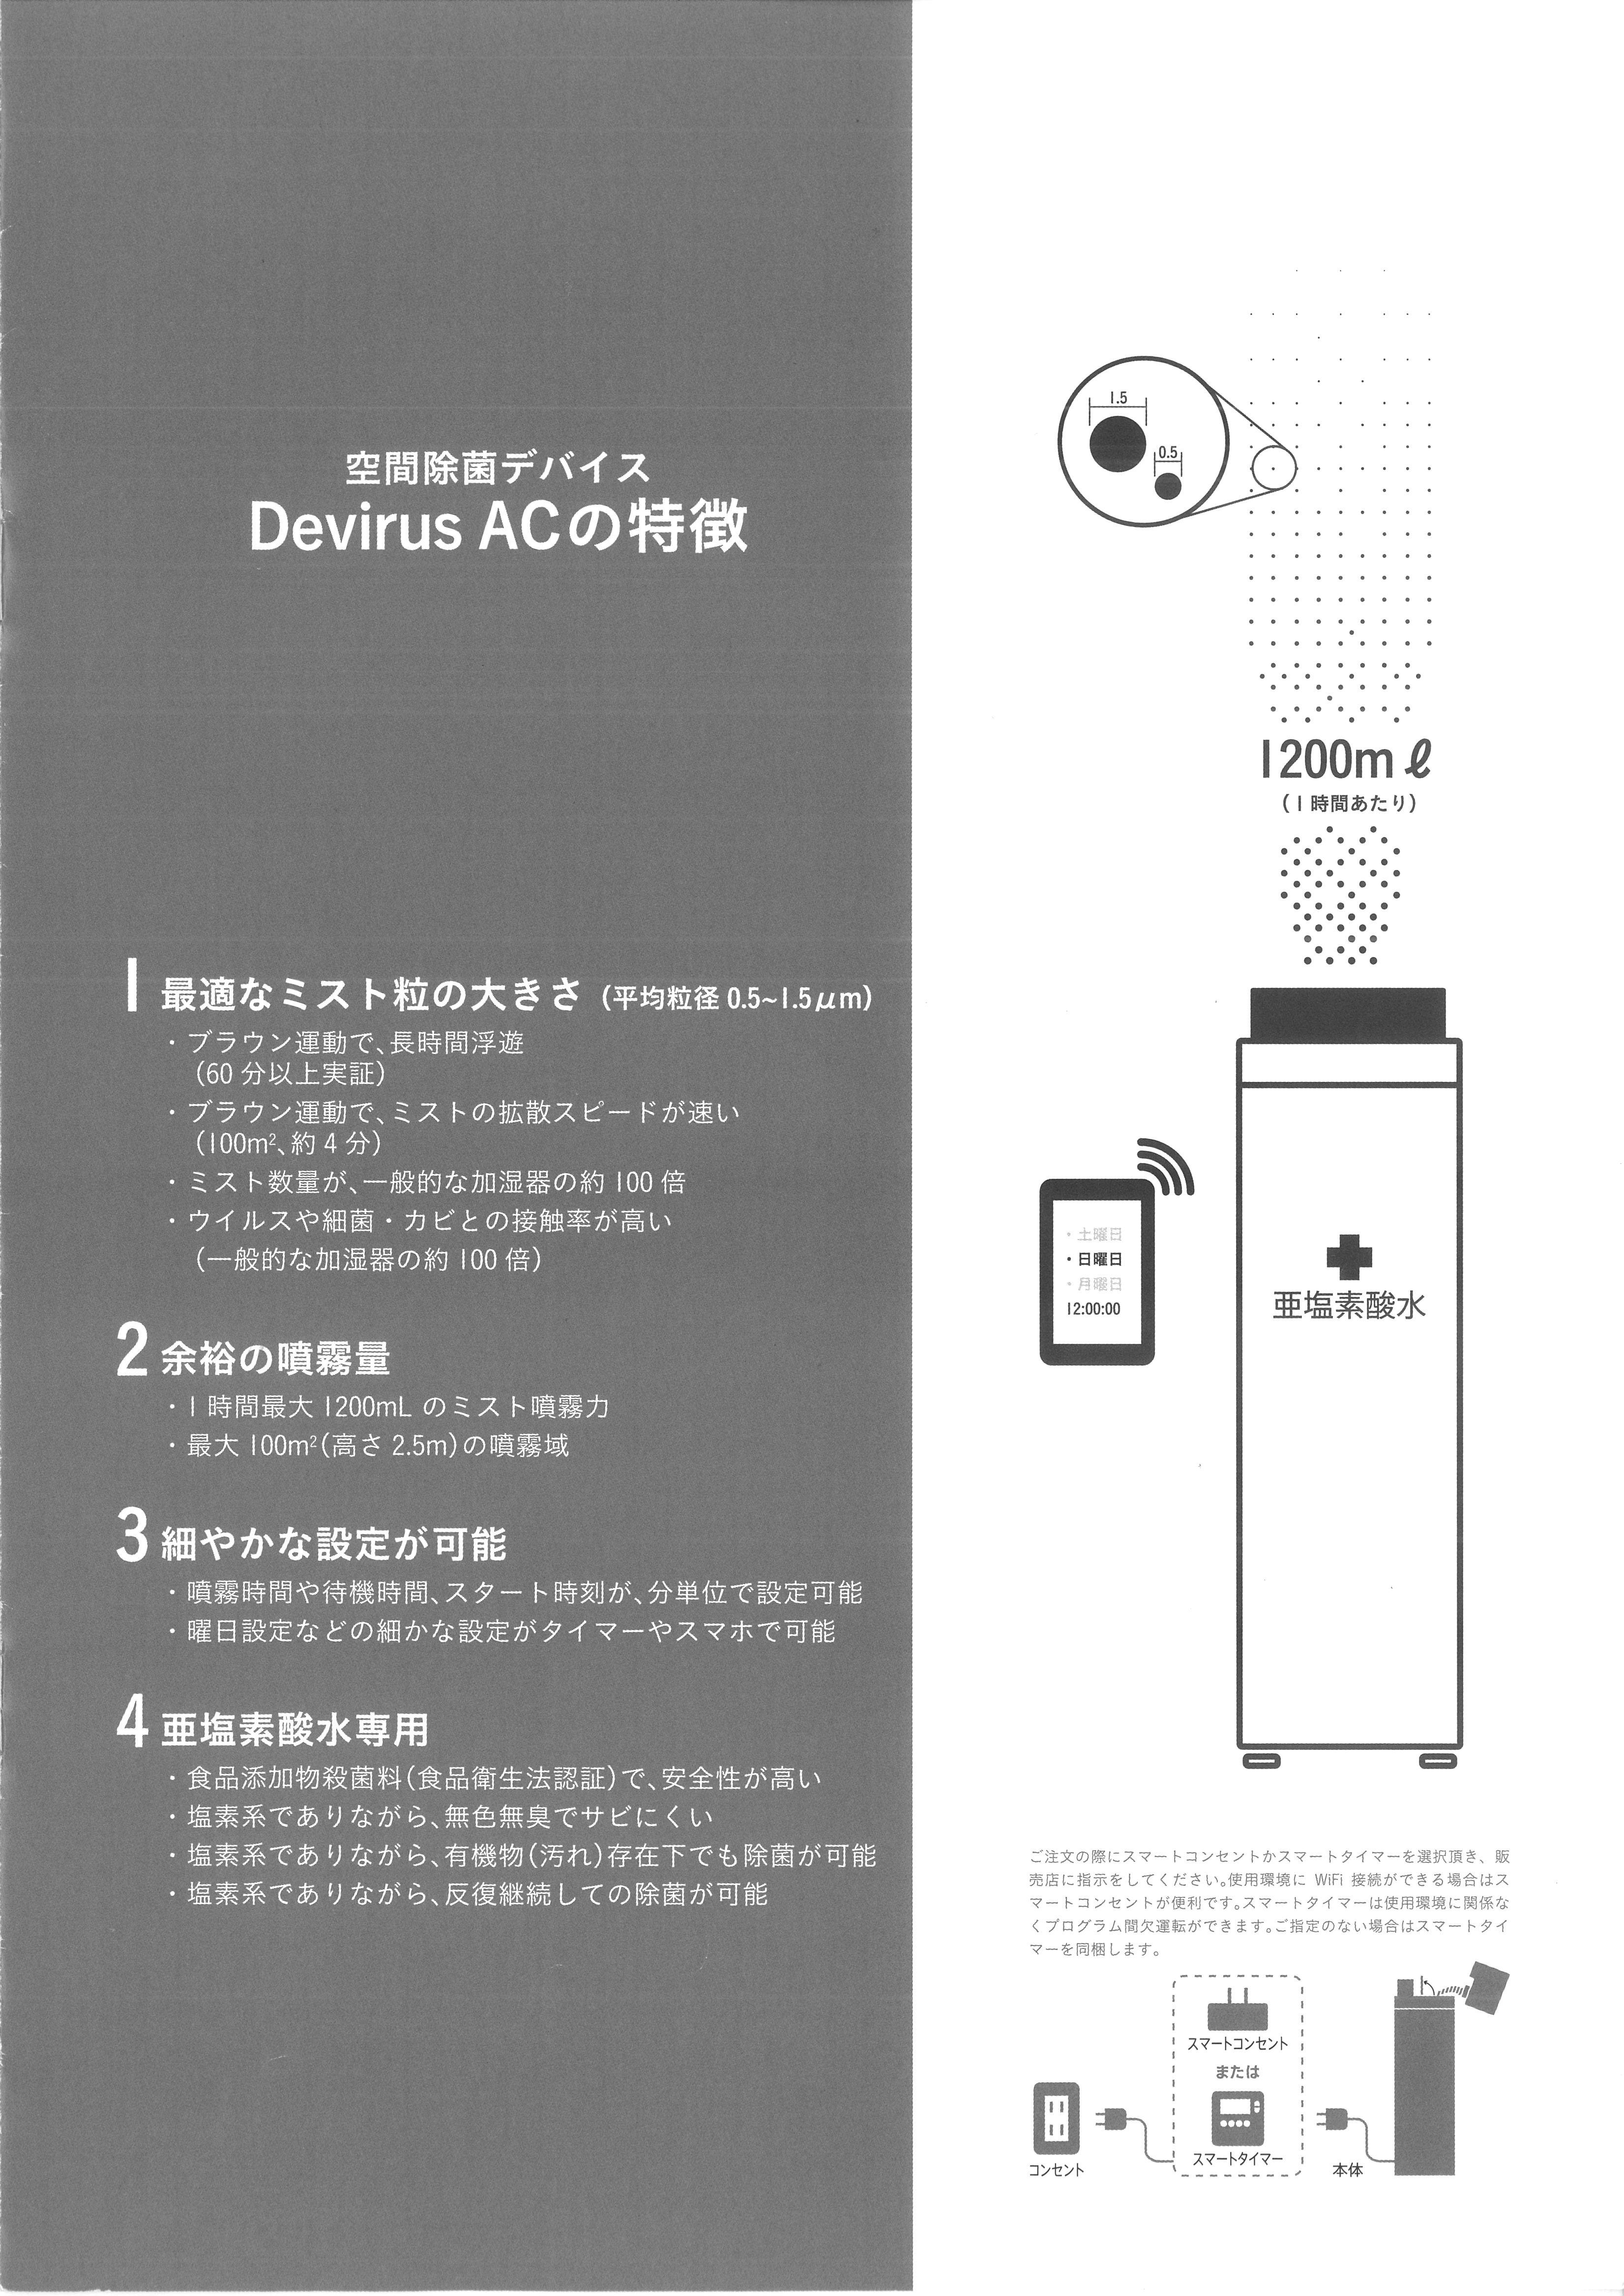 空間除菌デバイス「DevirusAC」の特長